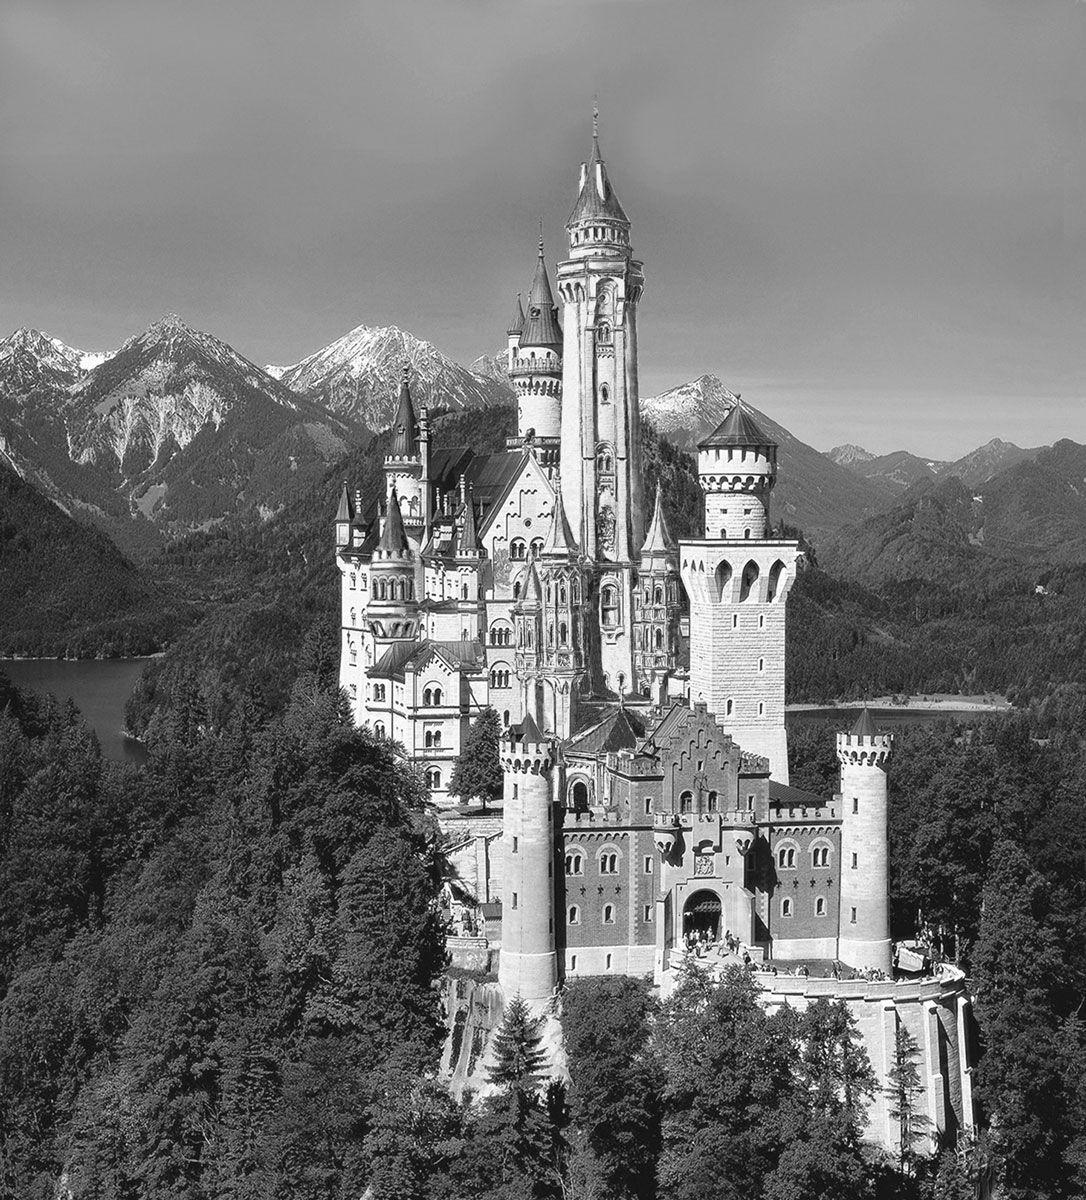 Schloss Neuschwanstein Und Falkenstein Architekturcollage Schloss Neuschwanstein Architektur Collage Schloss